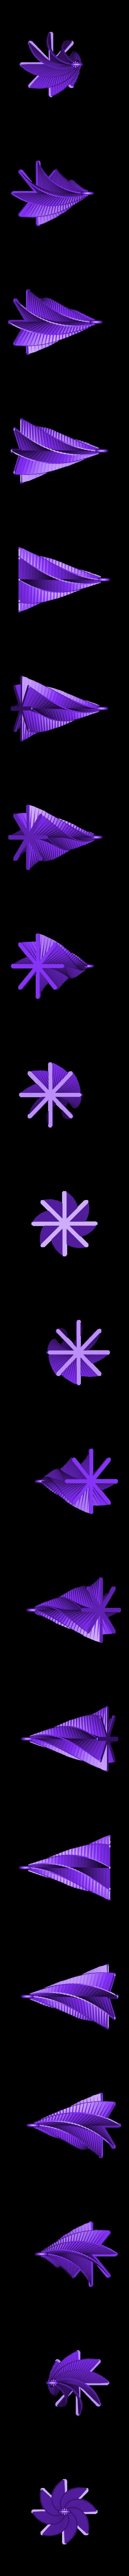 Christmas_tree_2013-11-17.stl Télécharger fichier STL gratuit Sapin de Noël - Version personnalisée • Objet pour imprimante 3D, Girthnath